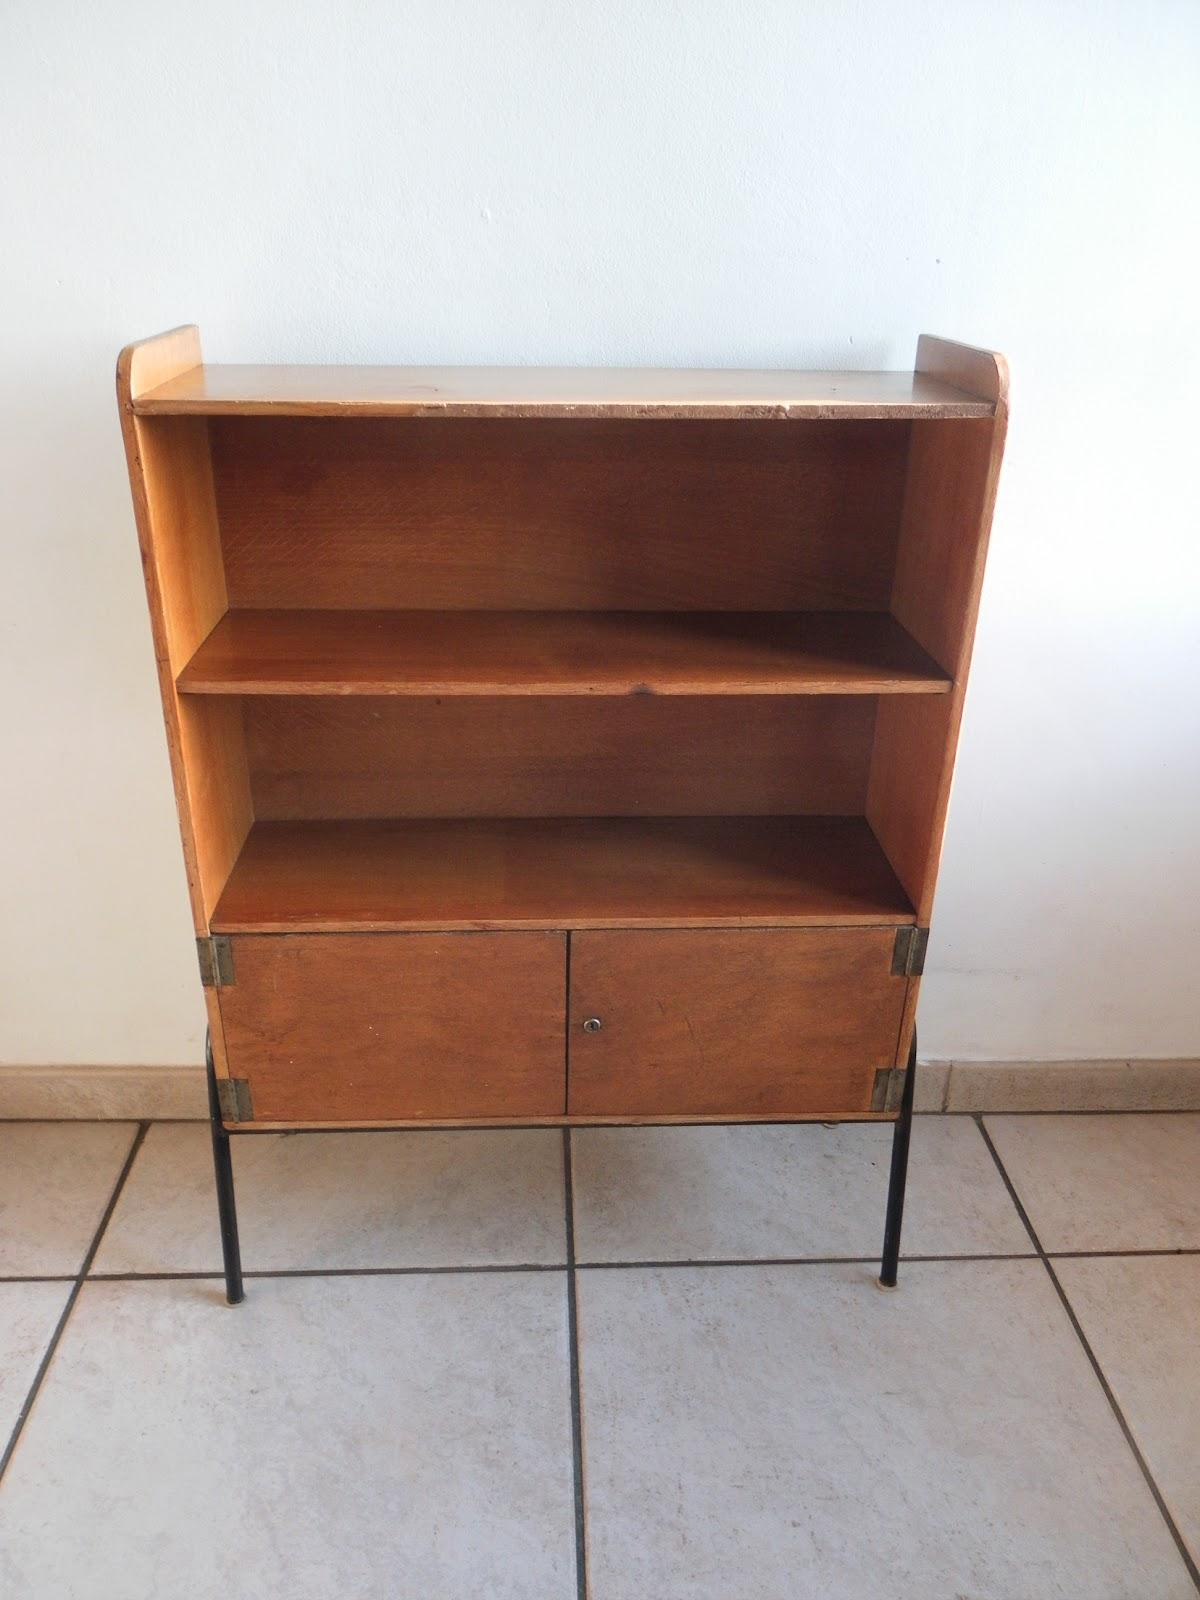 Lucie la chineuse petit meuble ann es 50 for Meubles domon lachine